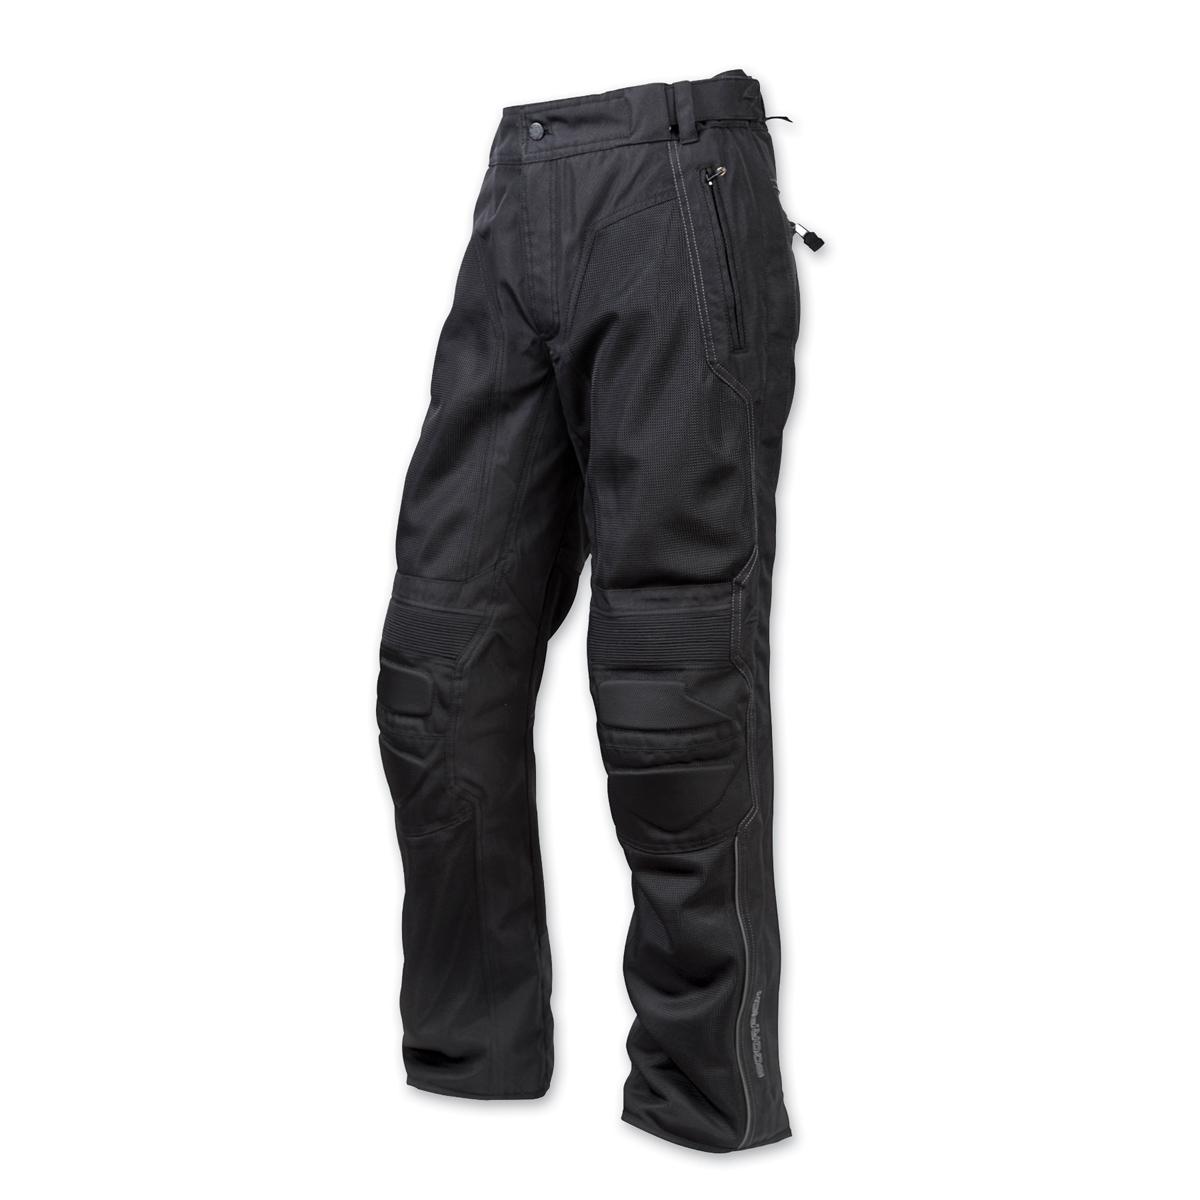 Scorpion EXO Men's Trey Black Overpants